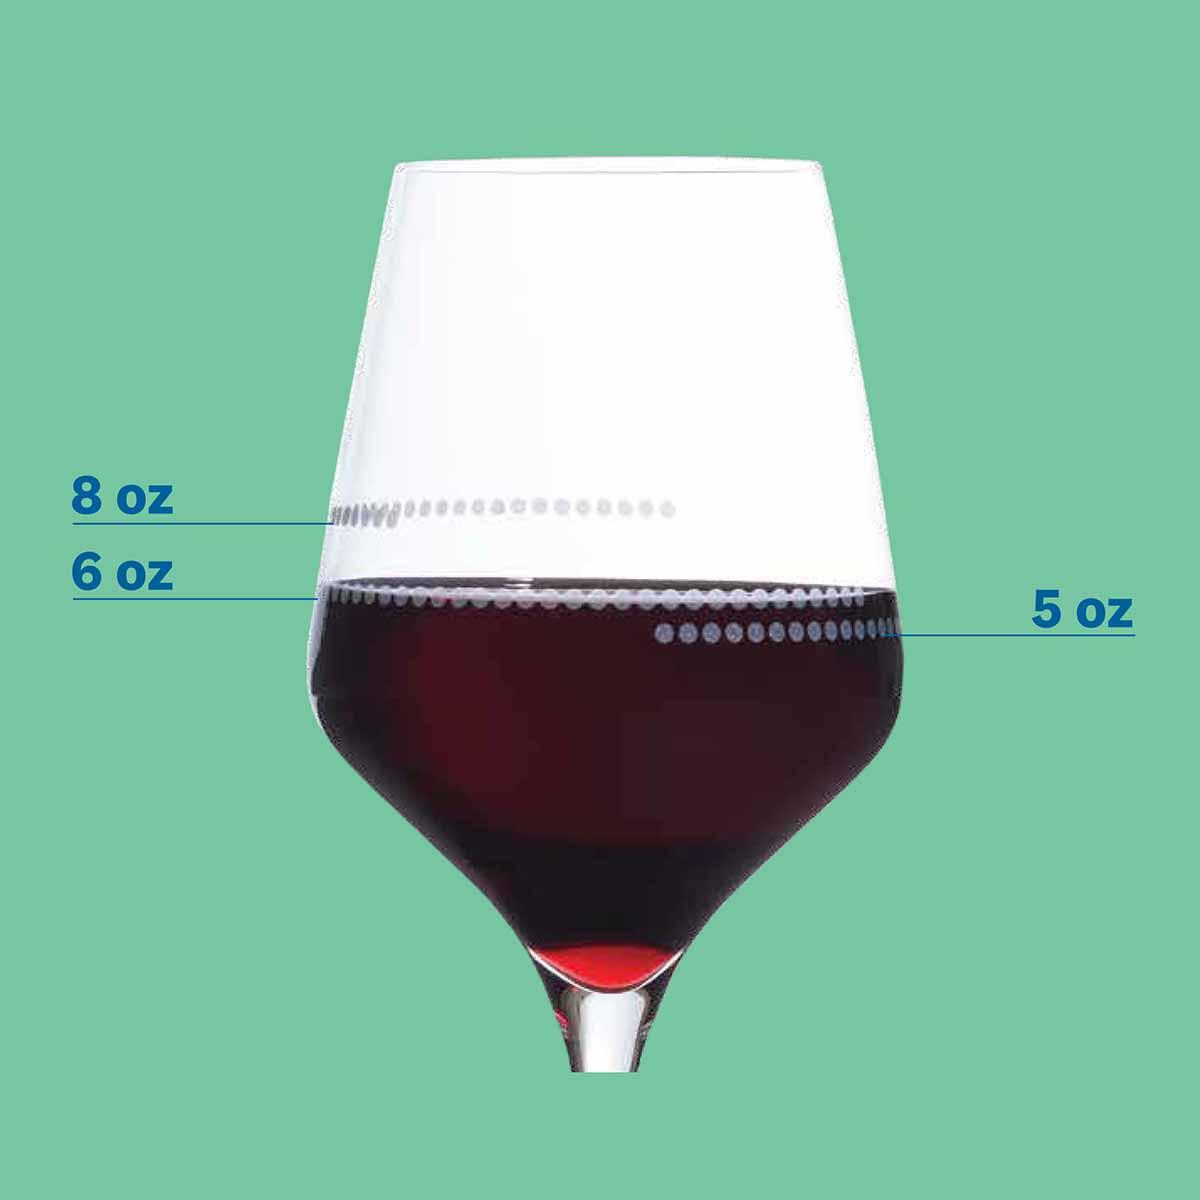 WW Portion Control Wine Glass Set - alternate view 2